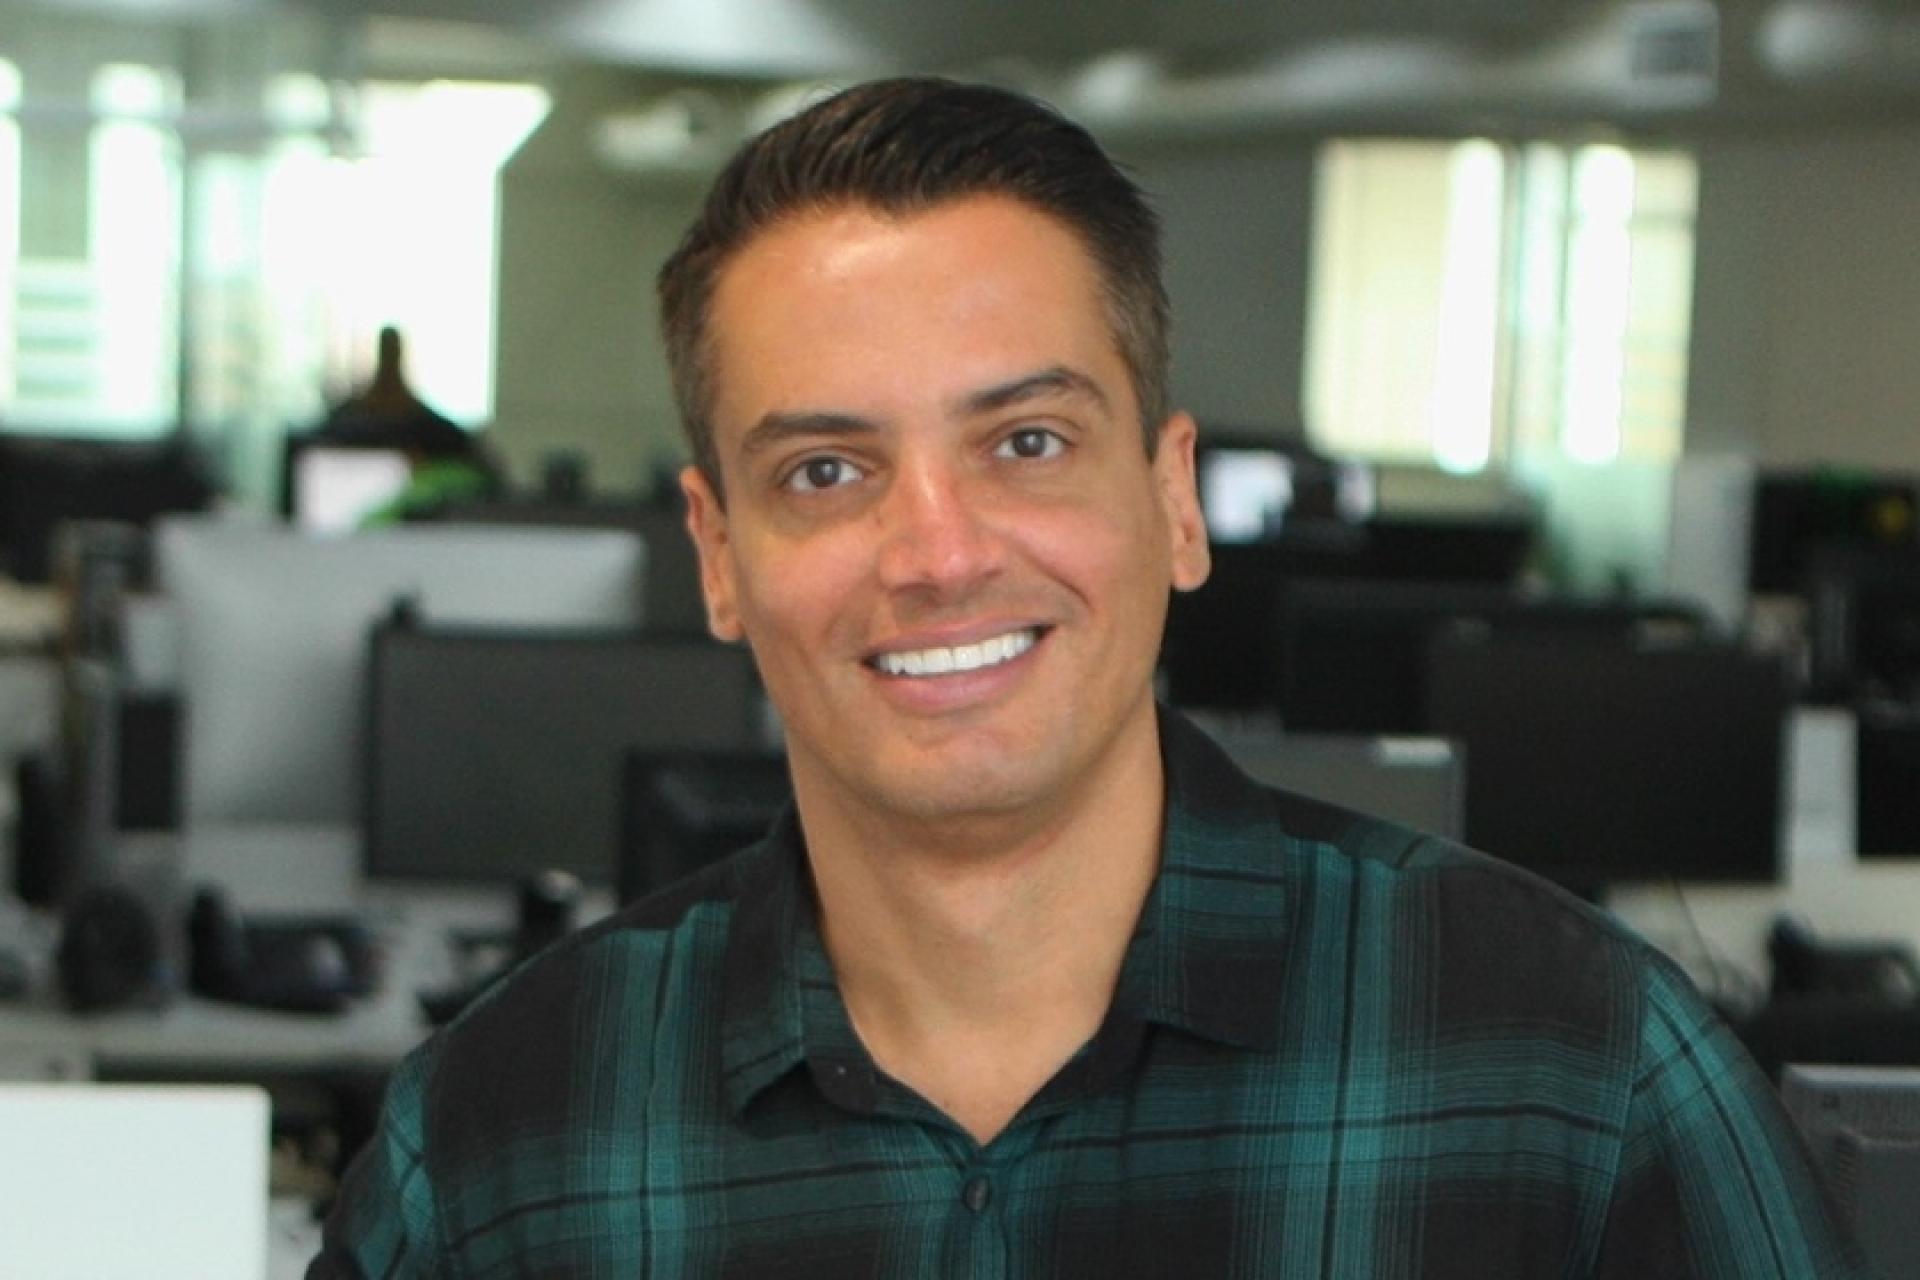 Leo Dias desabafa sobre problema com drogas e fala sobre saúde mental: